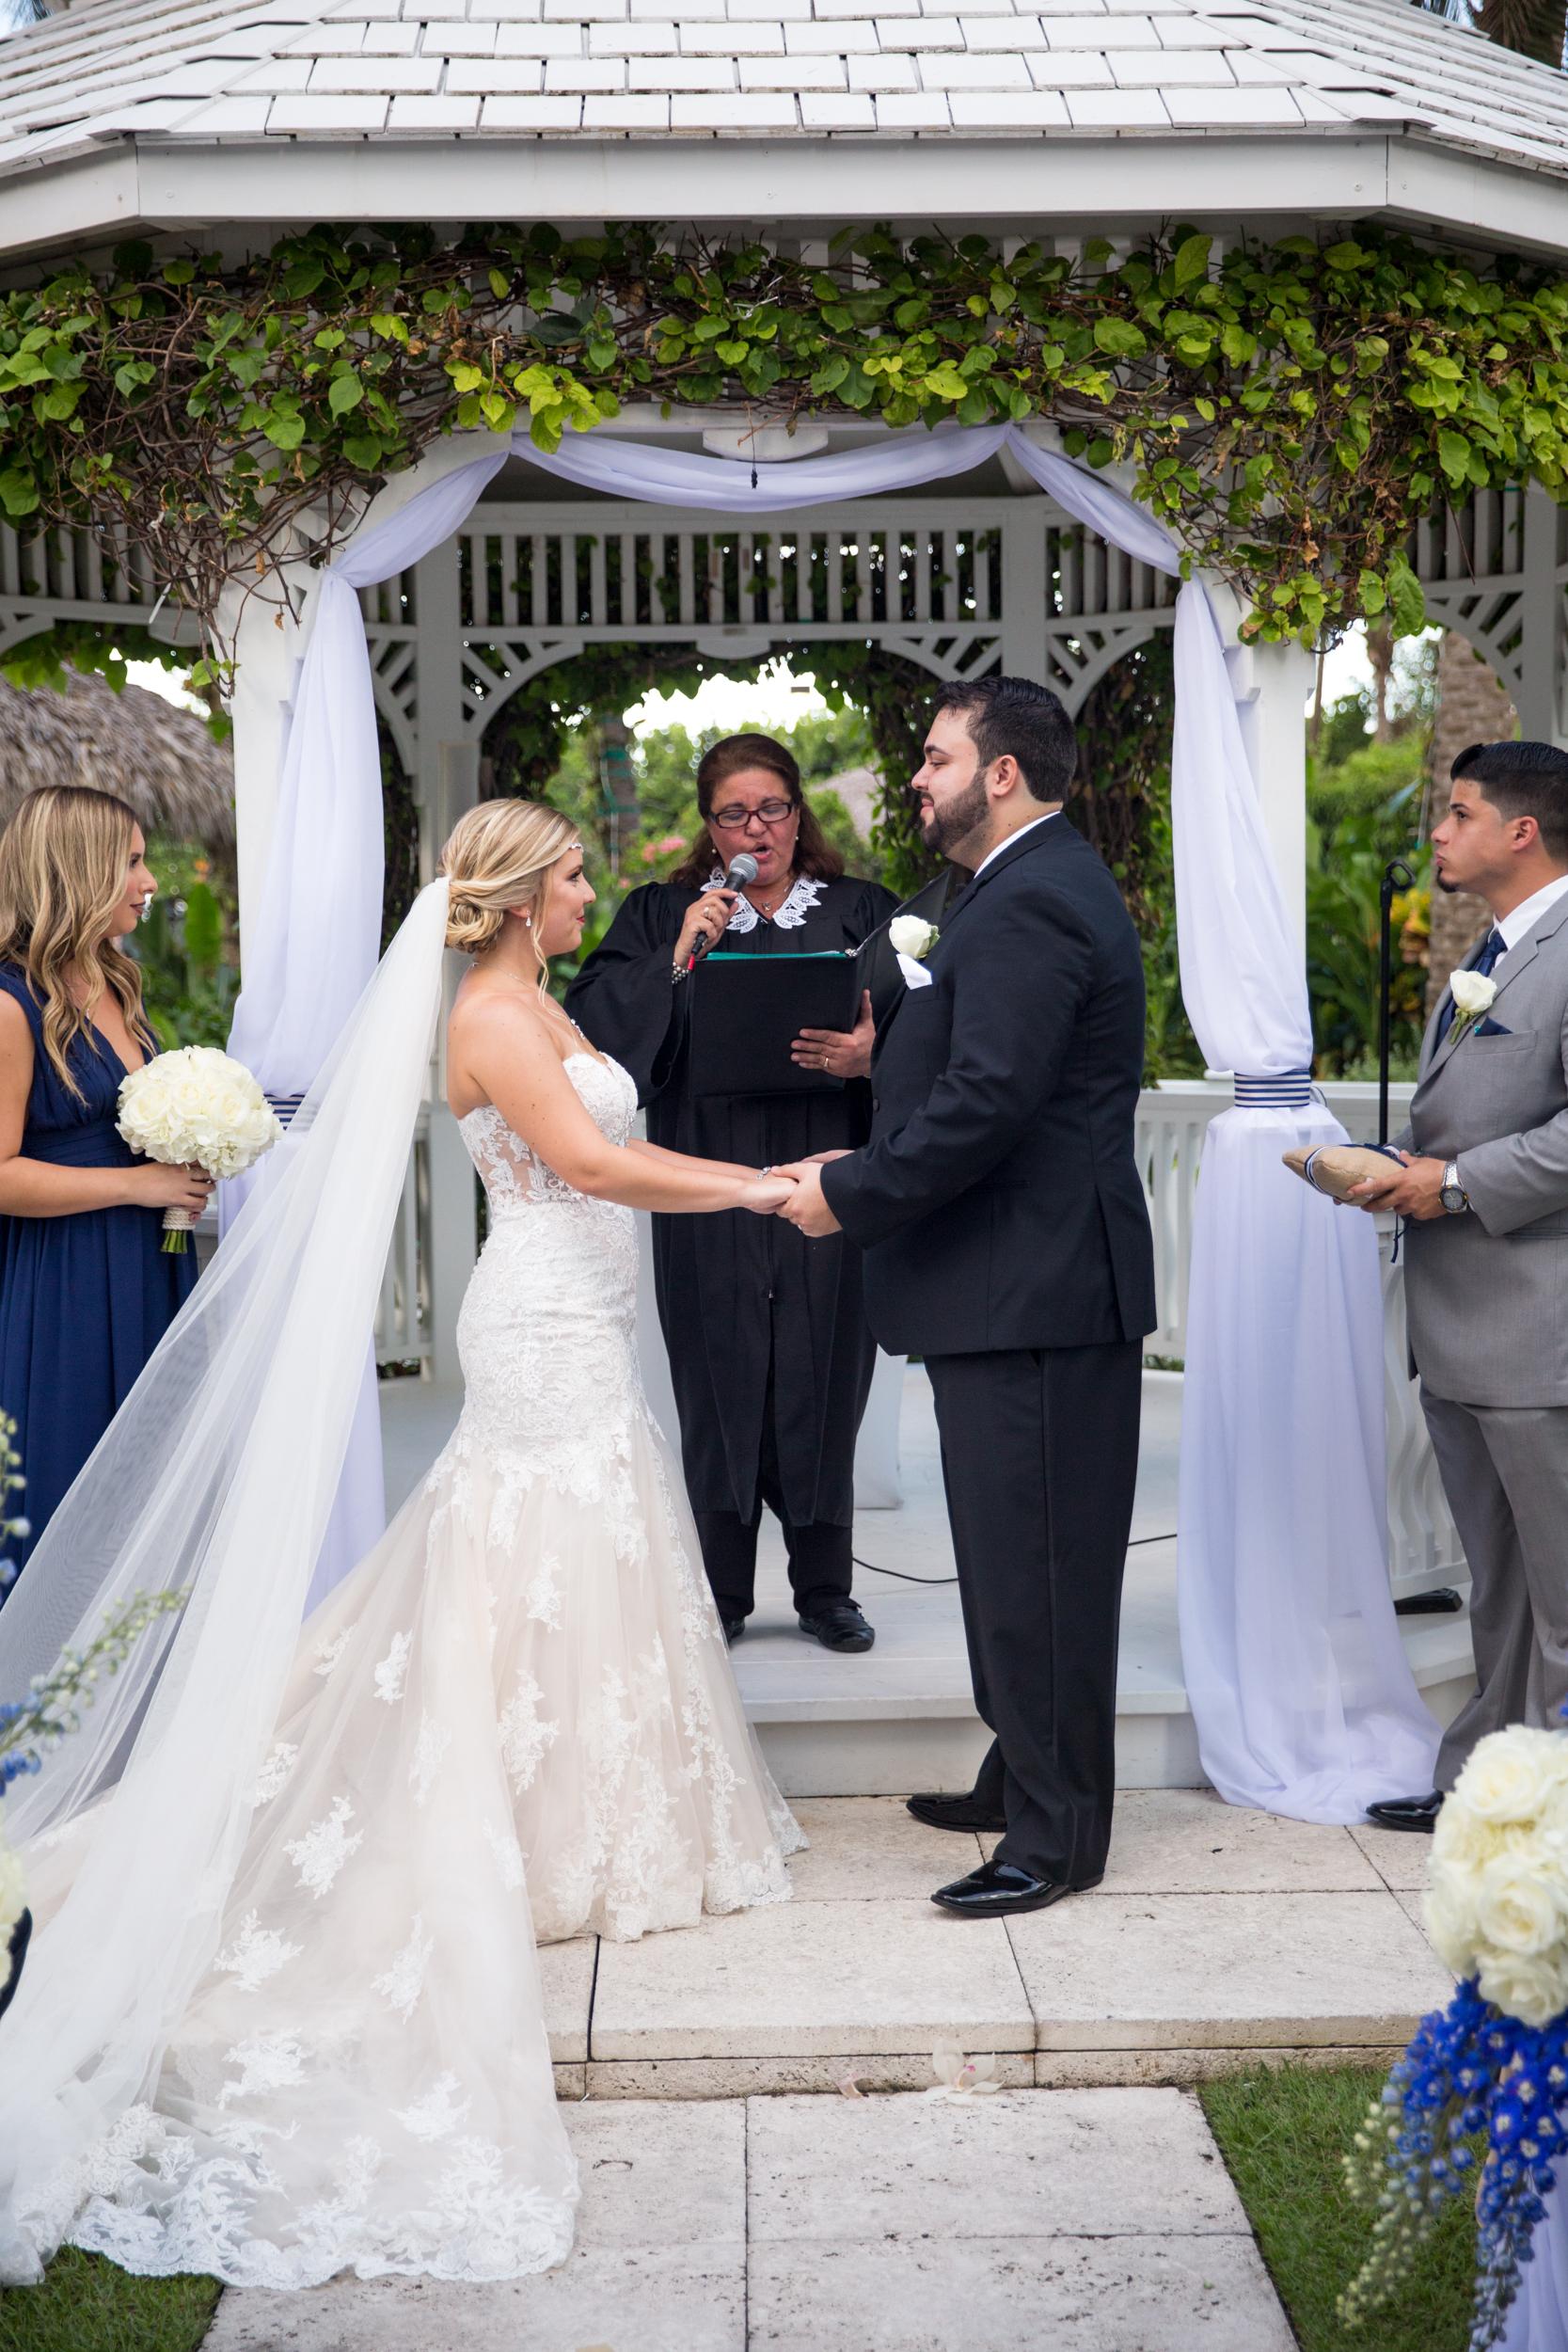 10-14-17_AshleyRichard_Wedding-80.jpg